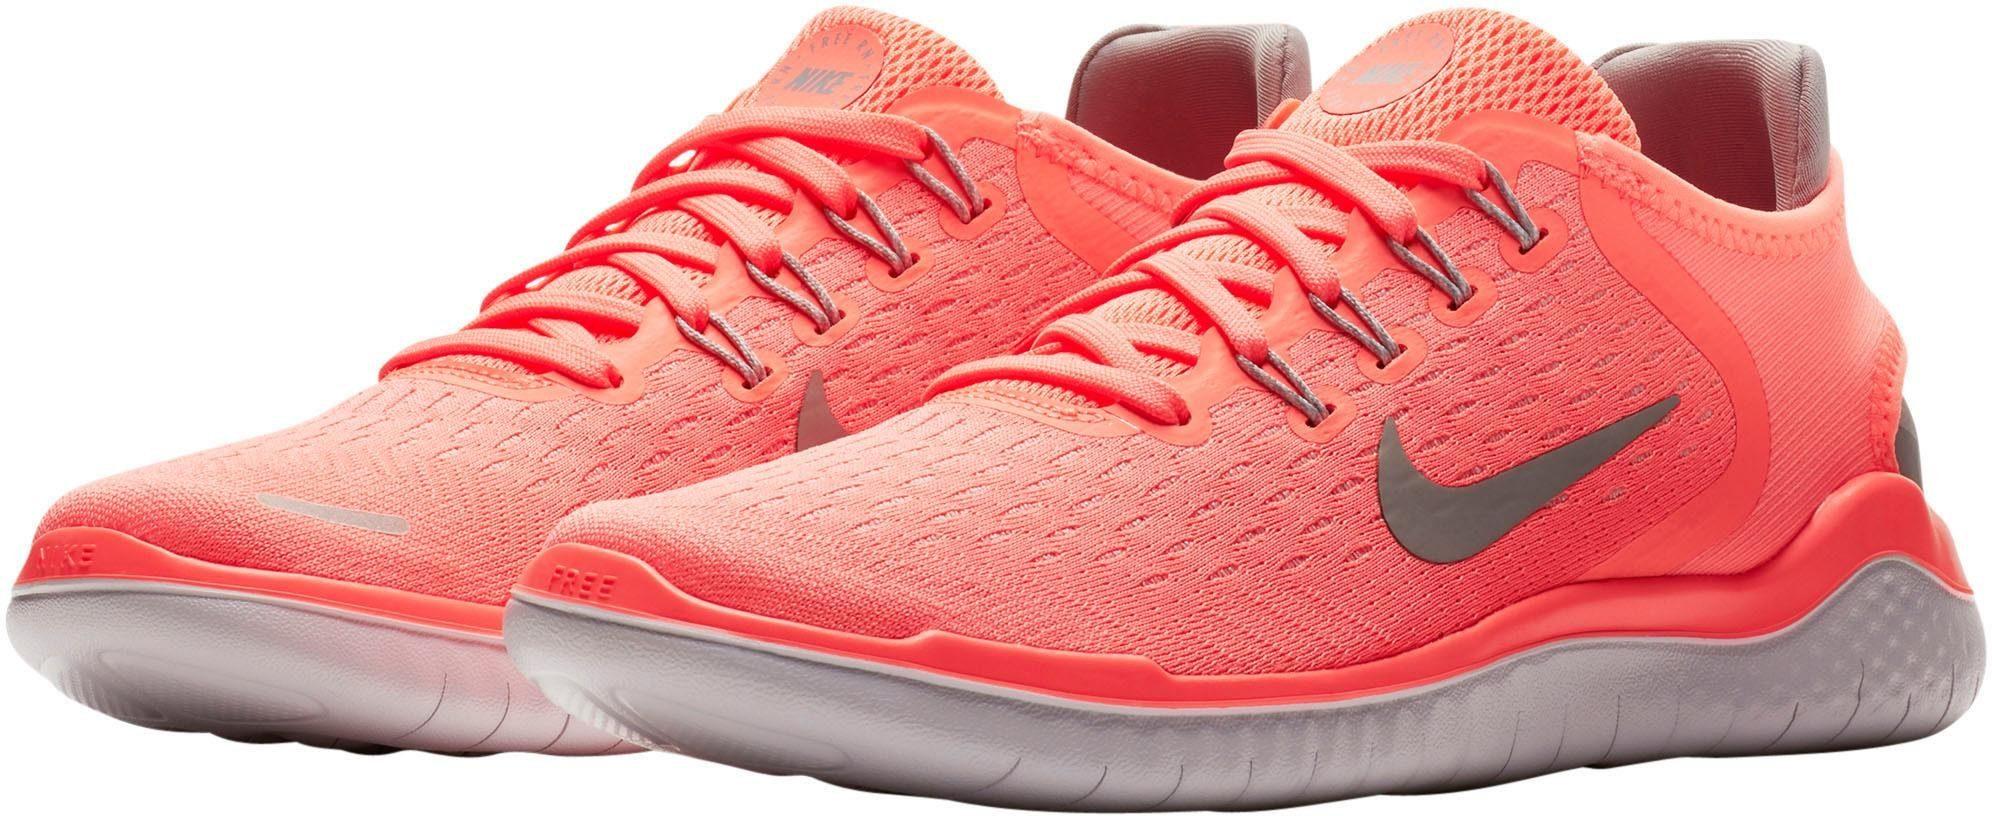 Nike Wmns Free Run 2018 Laufschuh online kaufen  neonkoralle